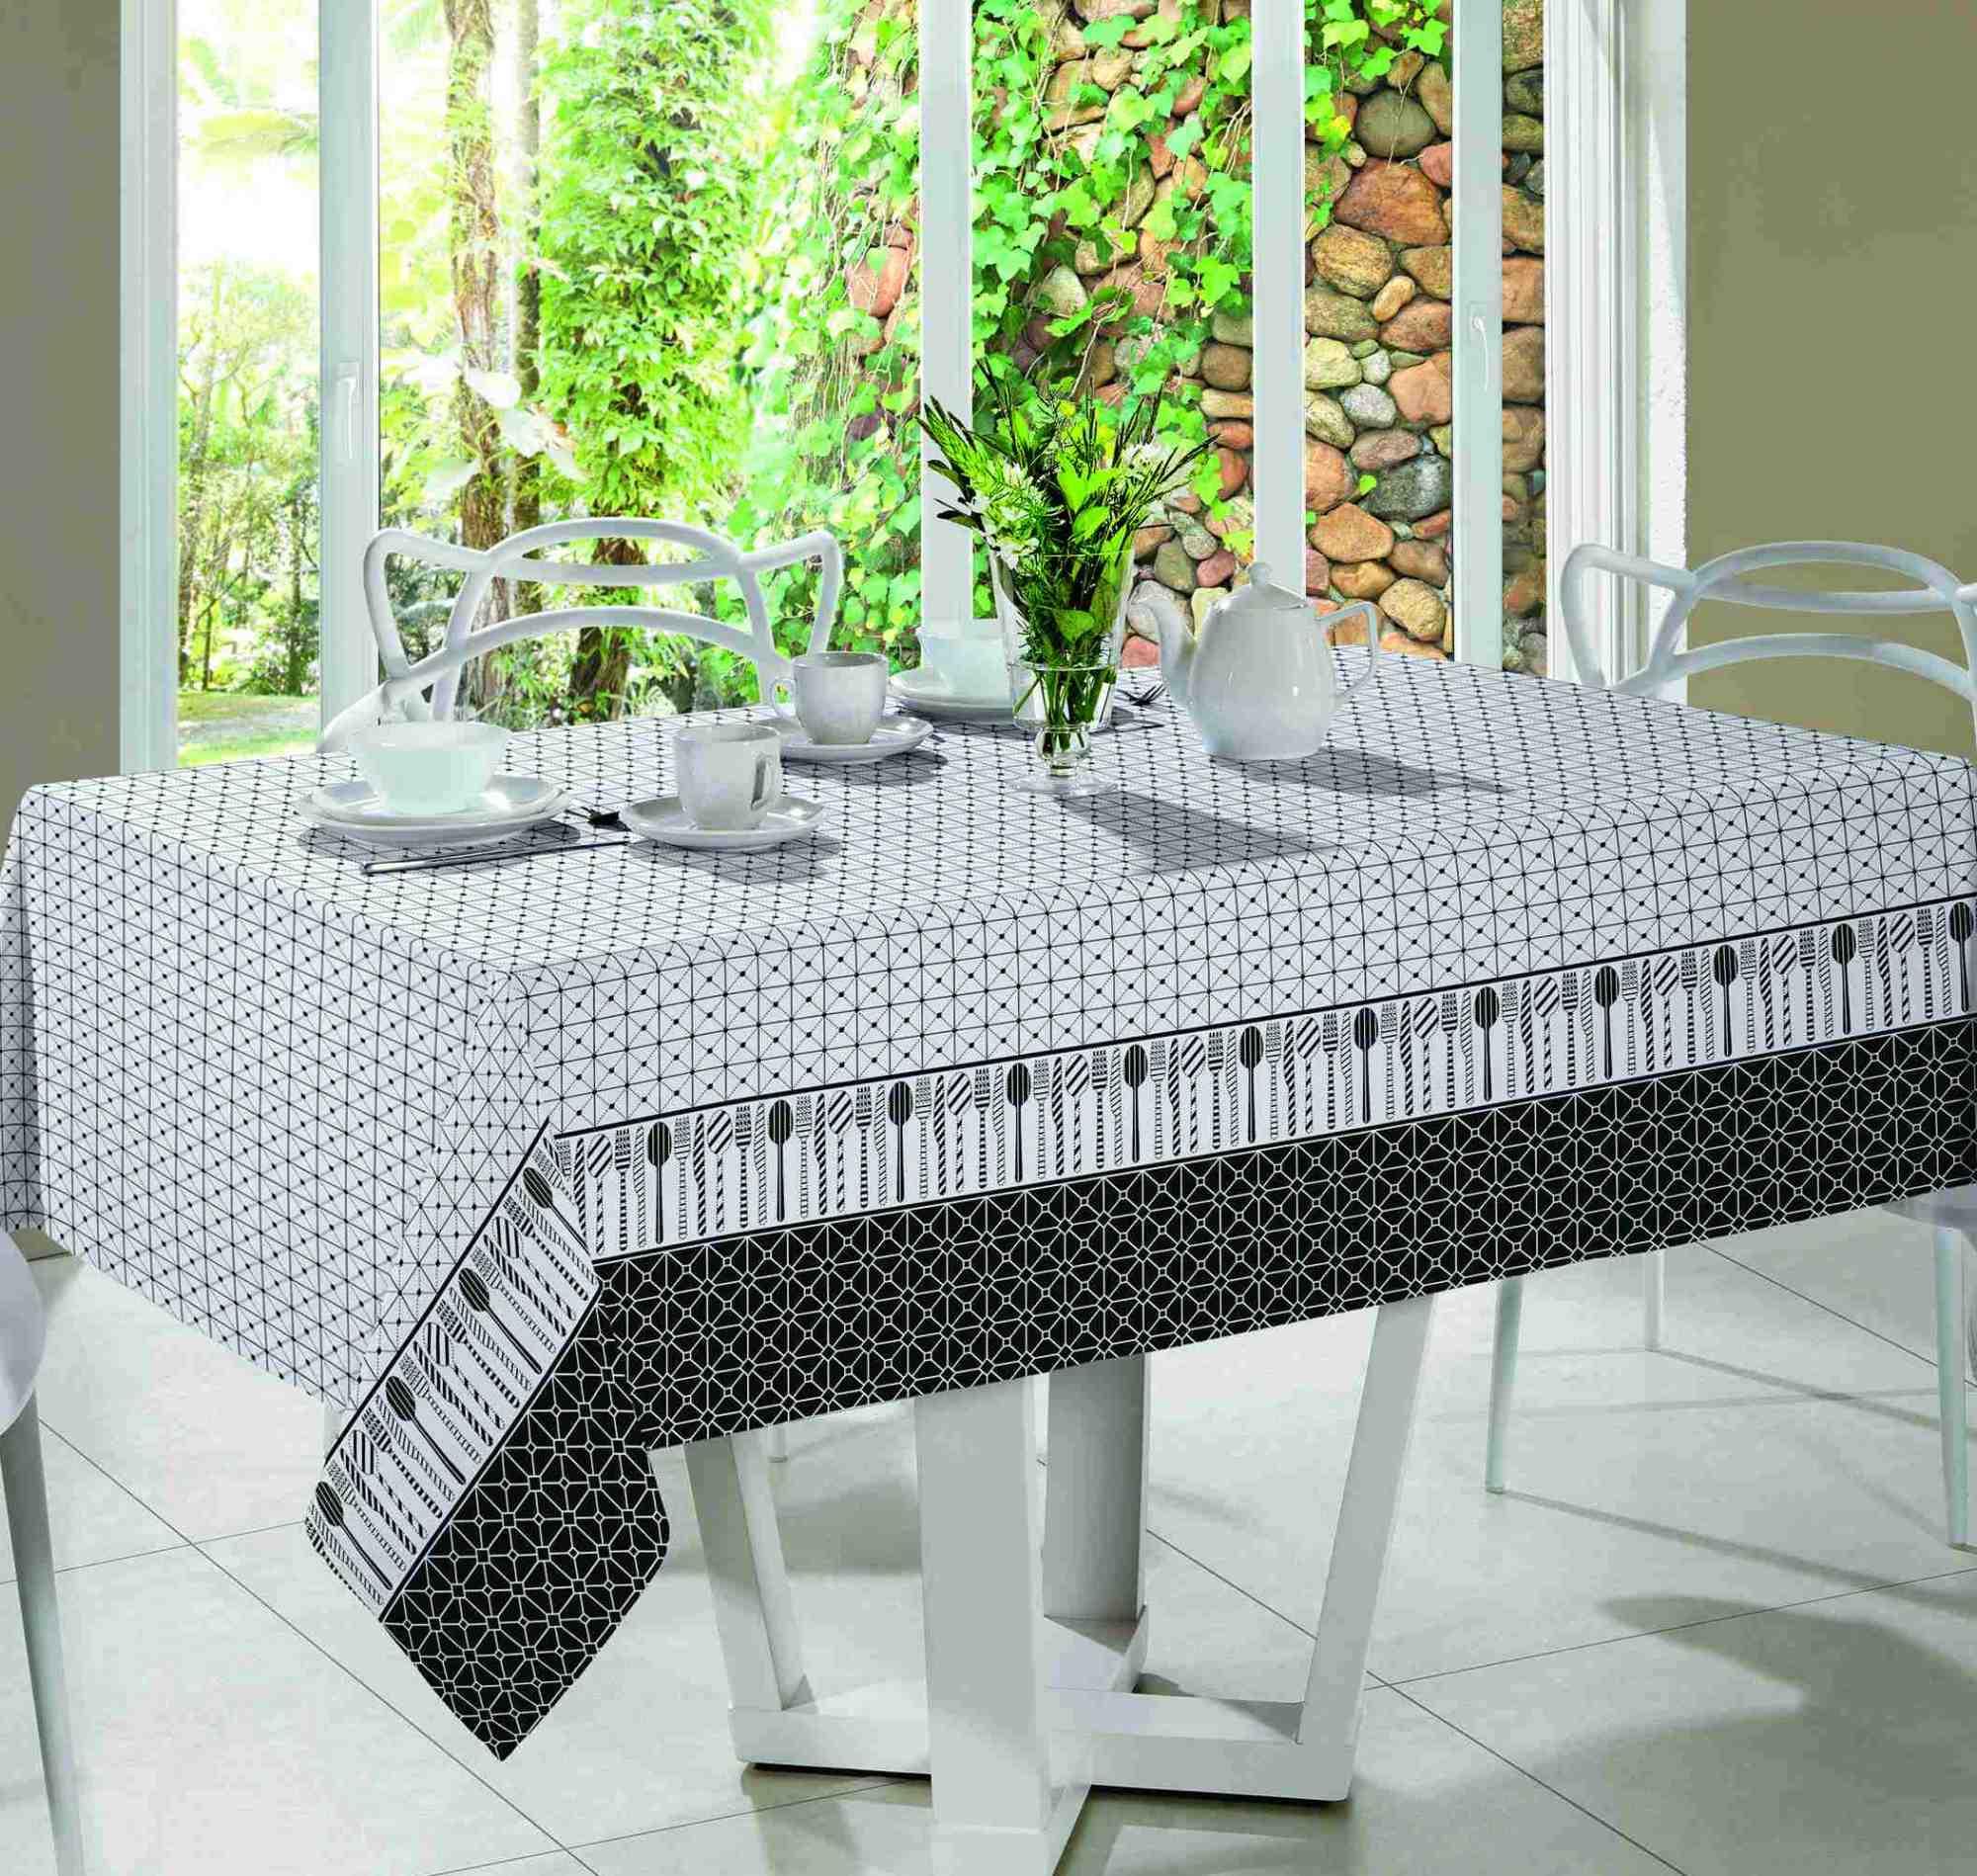 Toalha de mesa santista royal gourmet 1,40mt x 1,40mt preto/branco